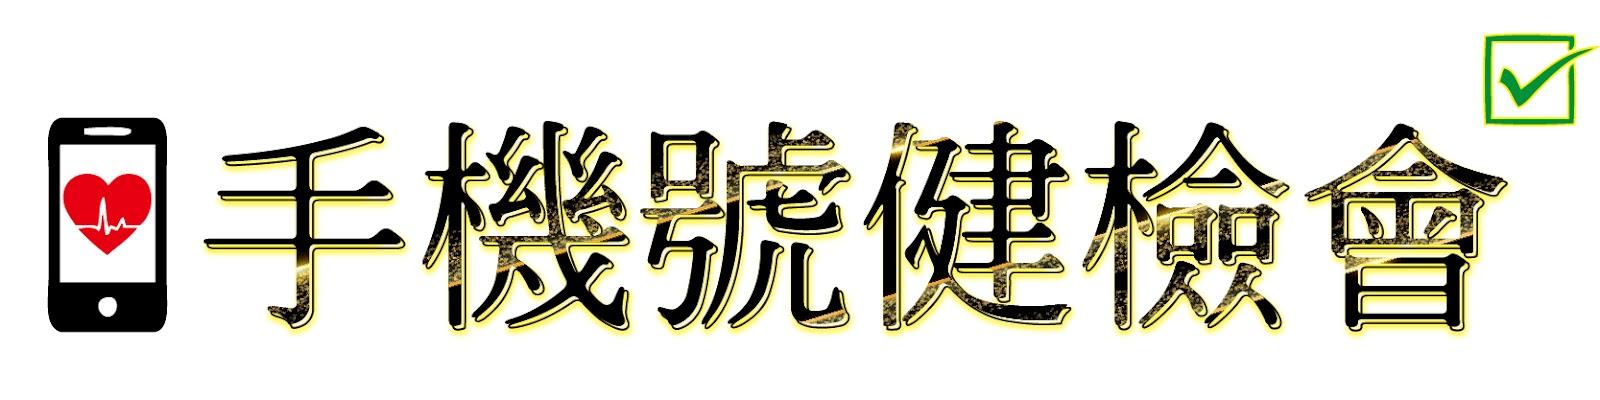 【數字風水】手機門號健檢會